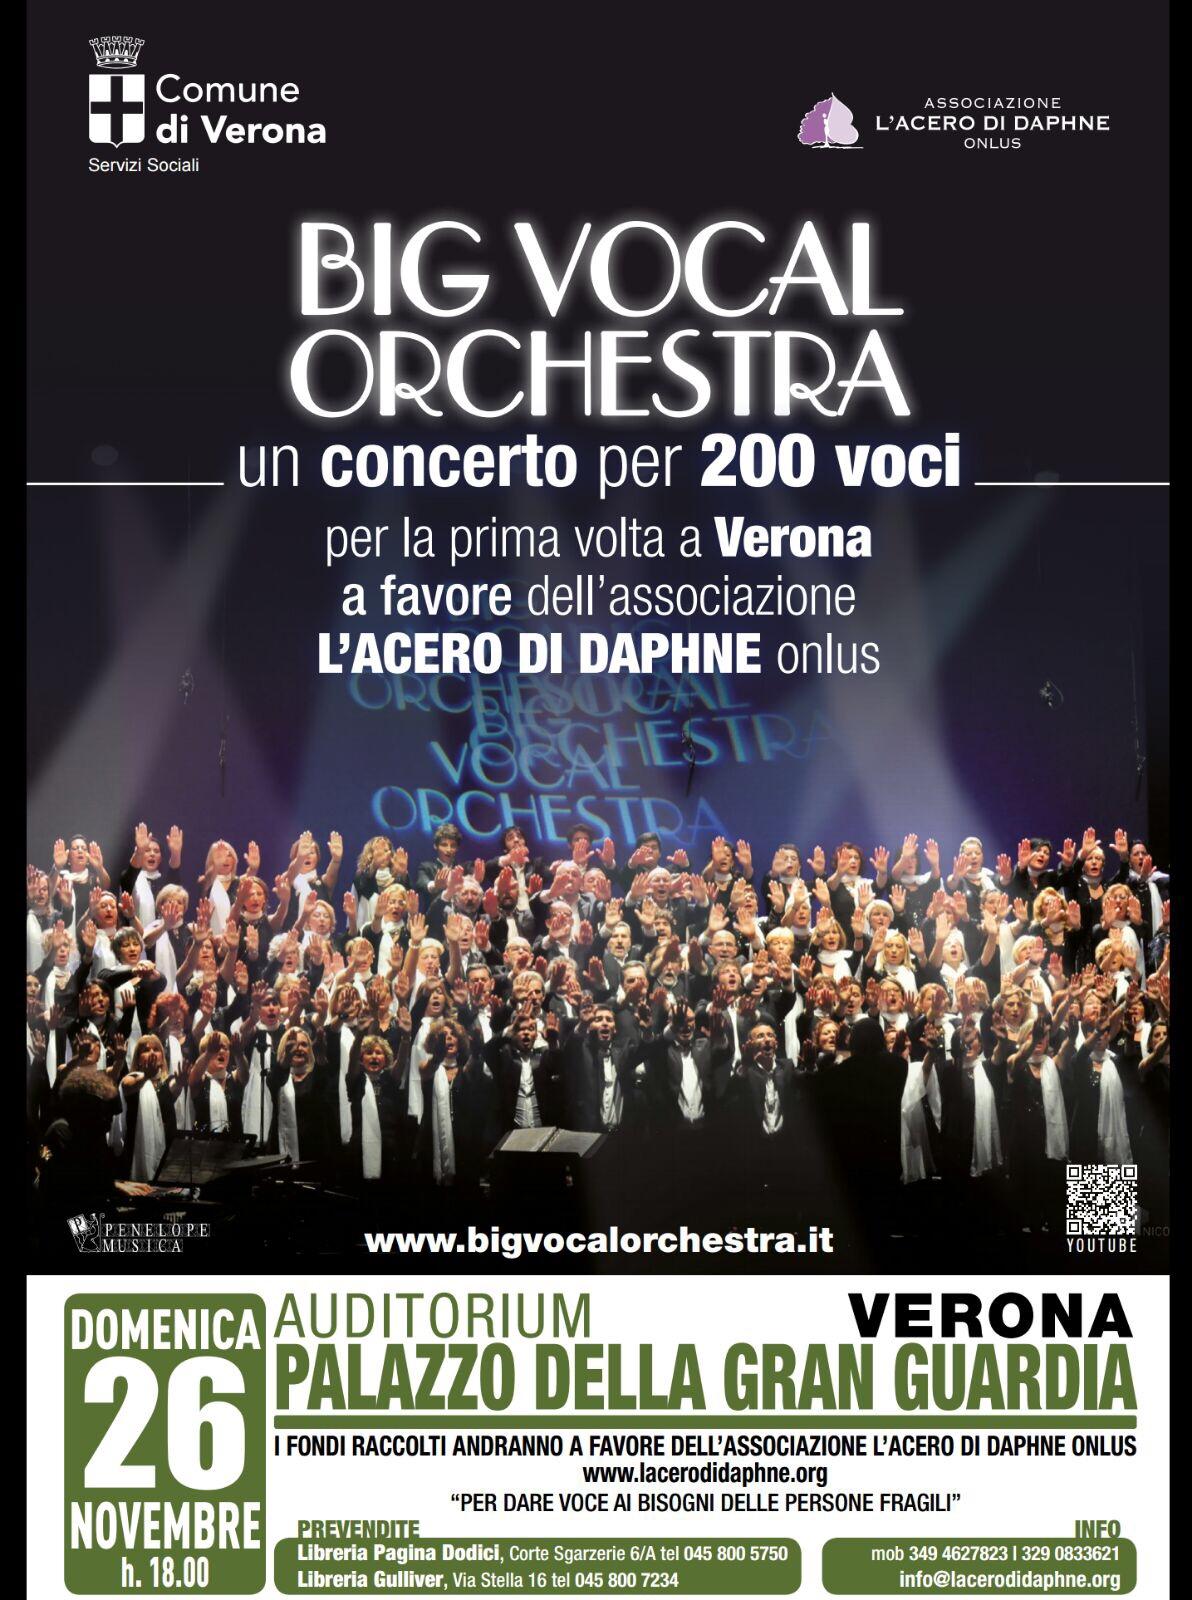 Big Vocal Orchestra per L'Acero di Daphne